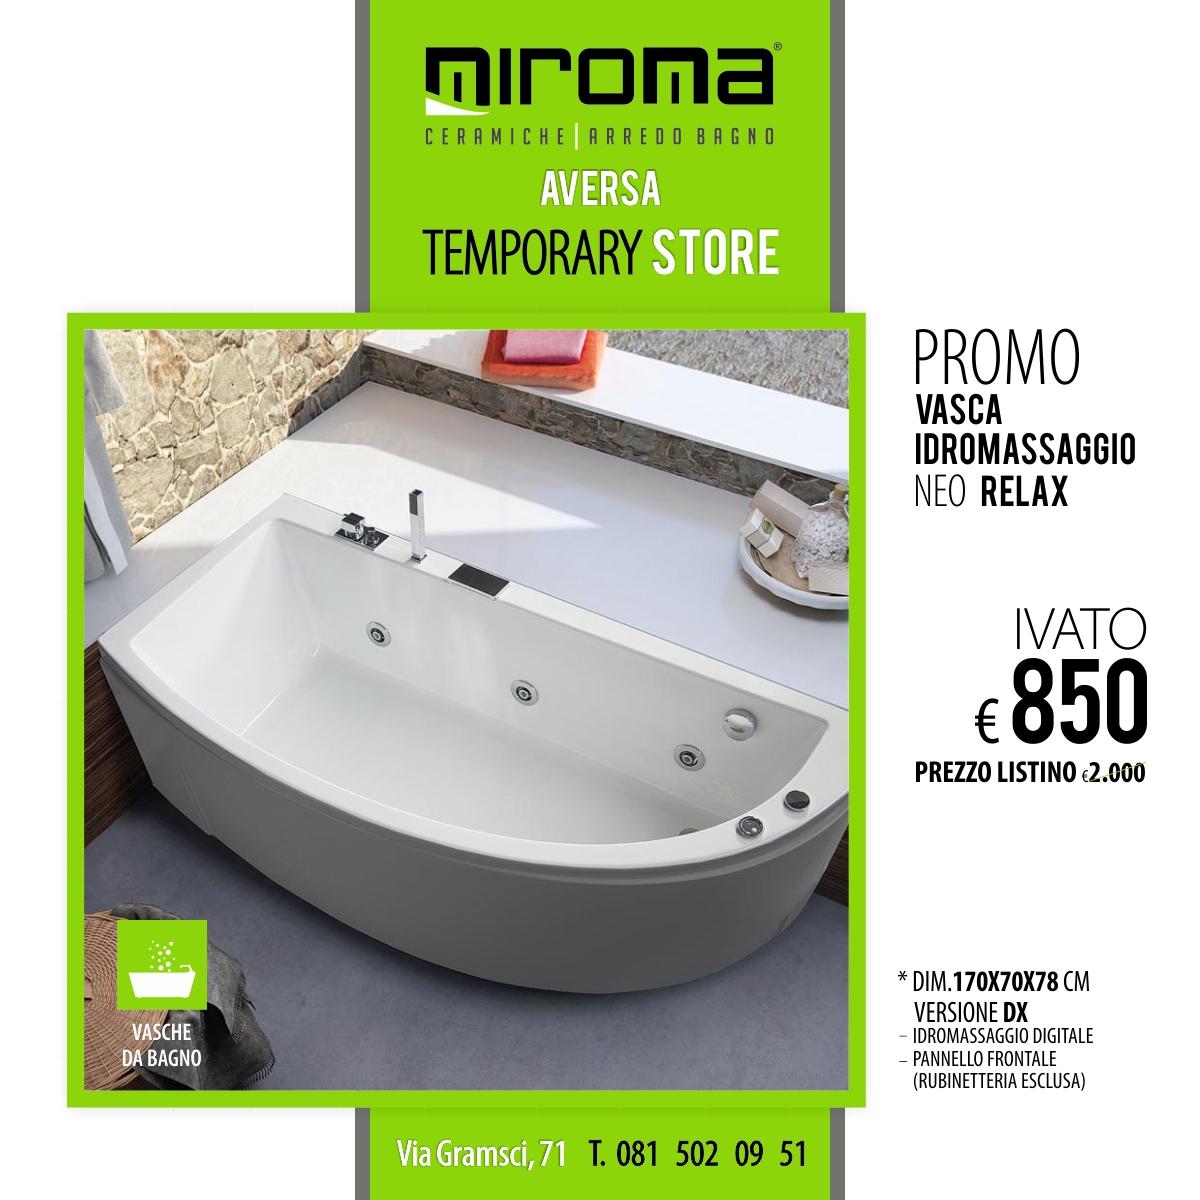 Vasca idromassaggio - RELAX NEO - Miroma Ceramiche